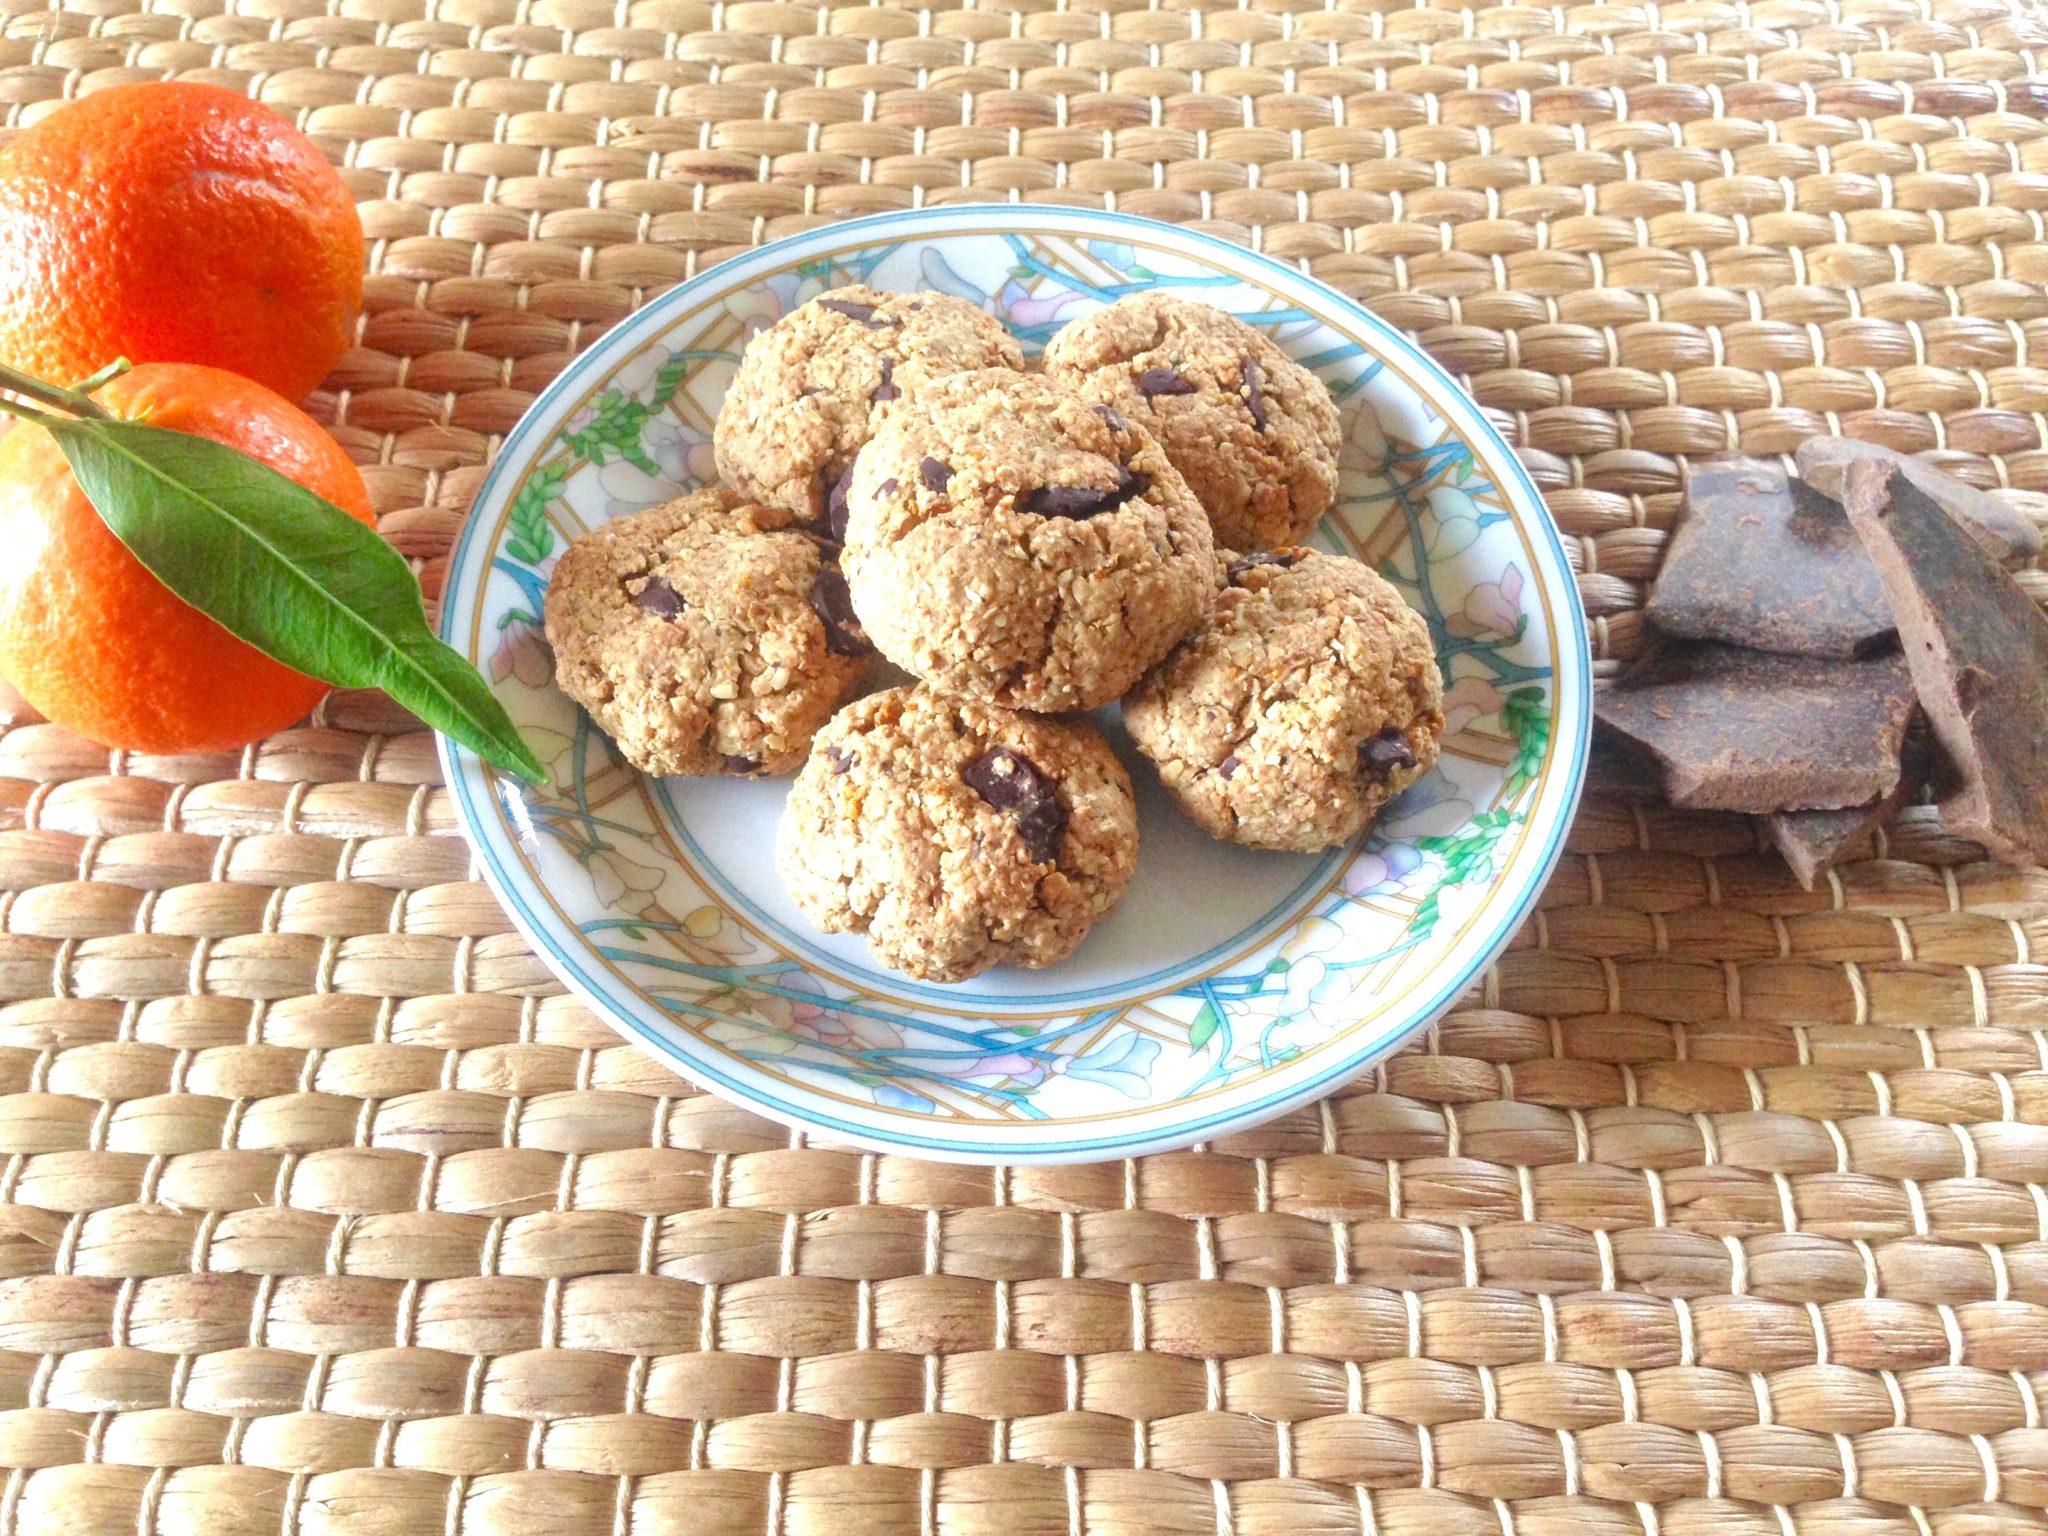 Dolcetti a basso indice glicemico senza burro, latte e uova, con la granella di chufa.